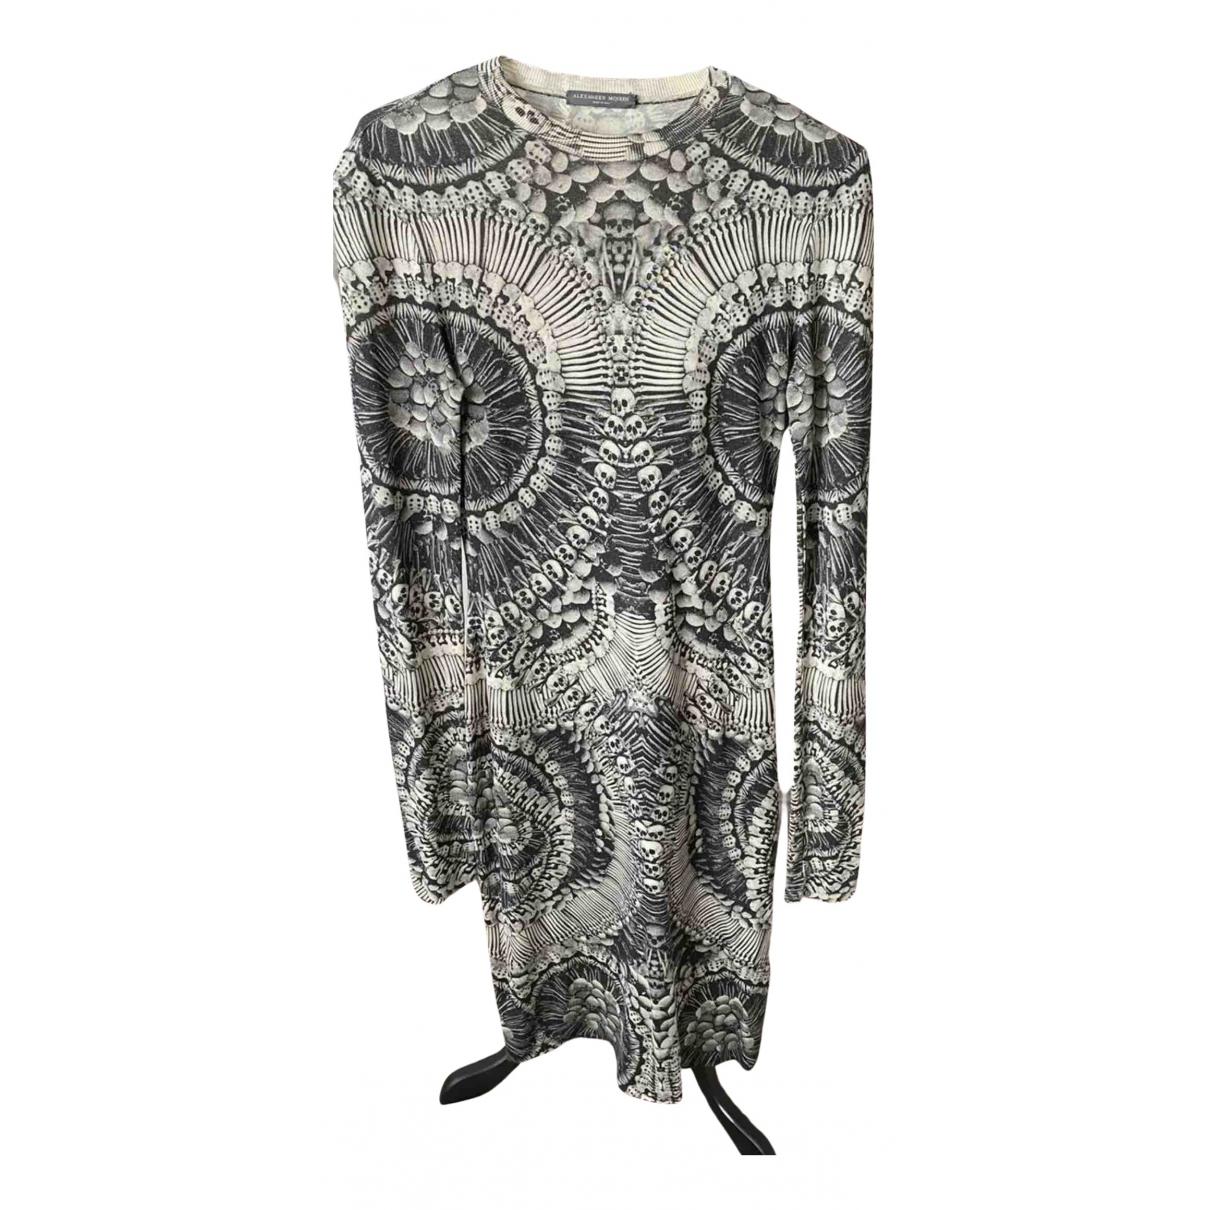 Alexander Mcqueen \N Kleid in  Grau Wolle